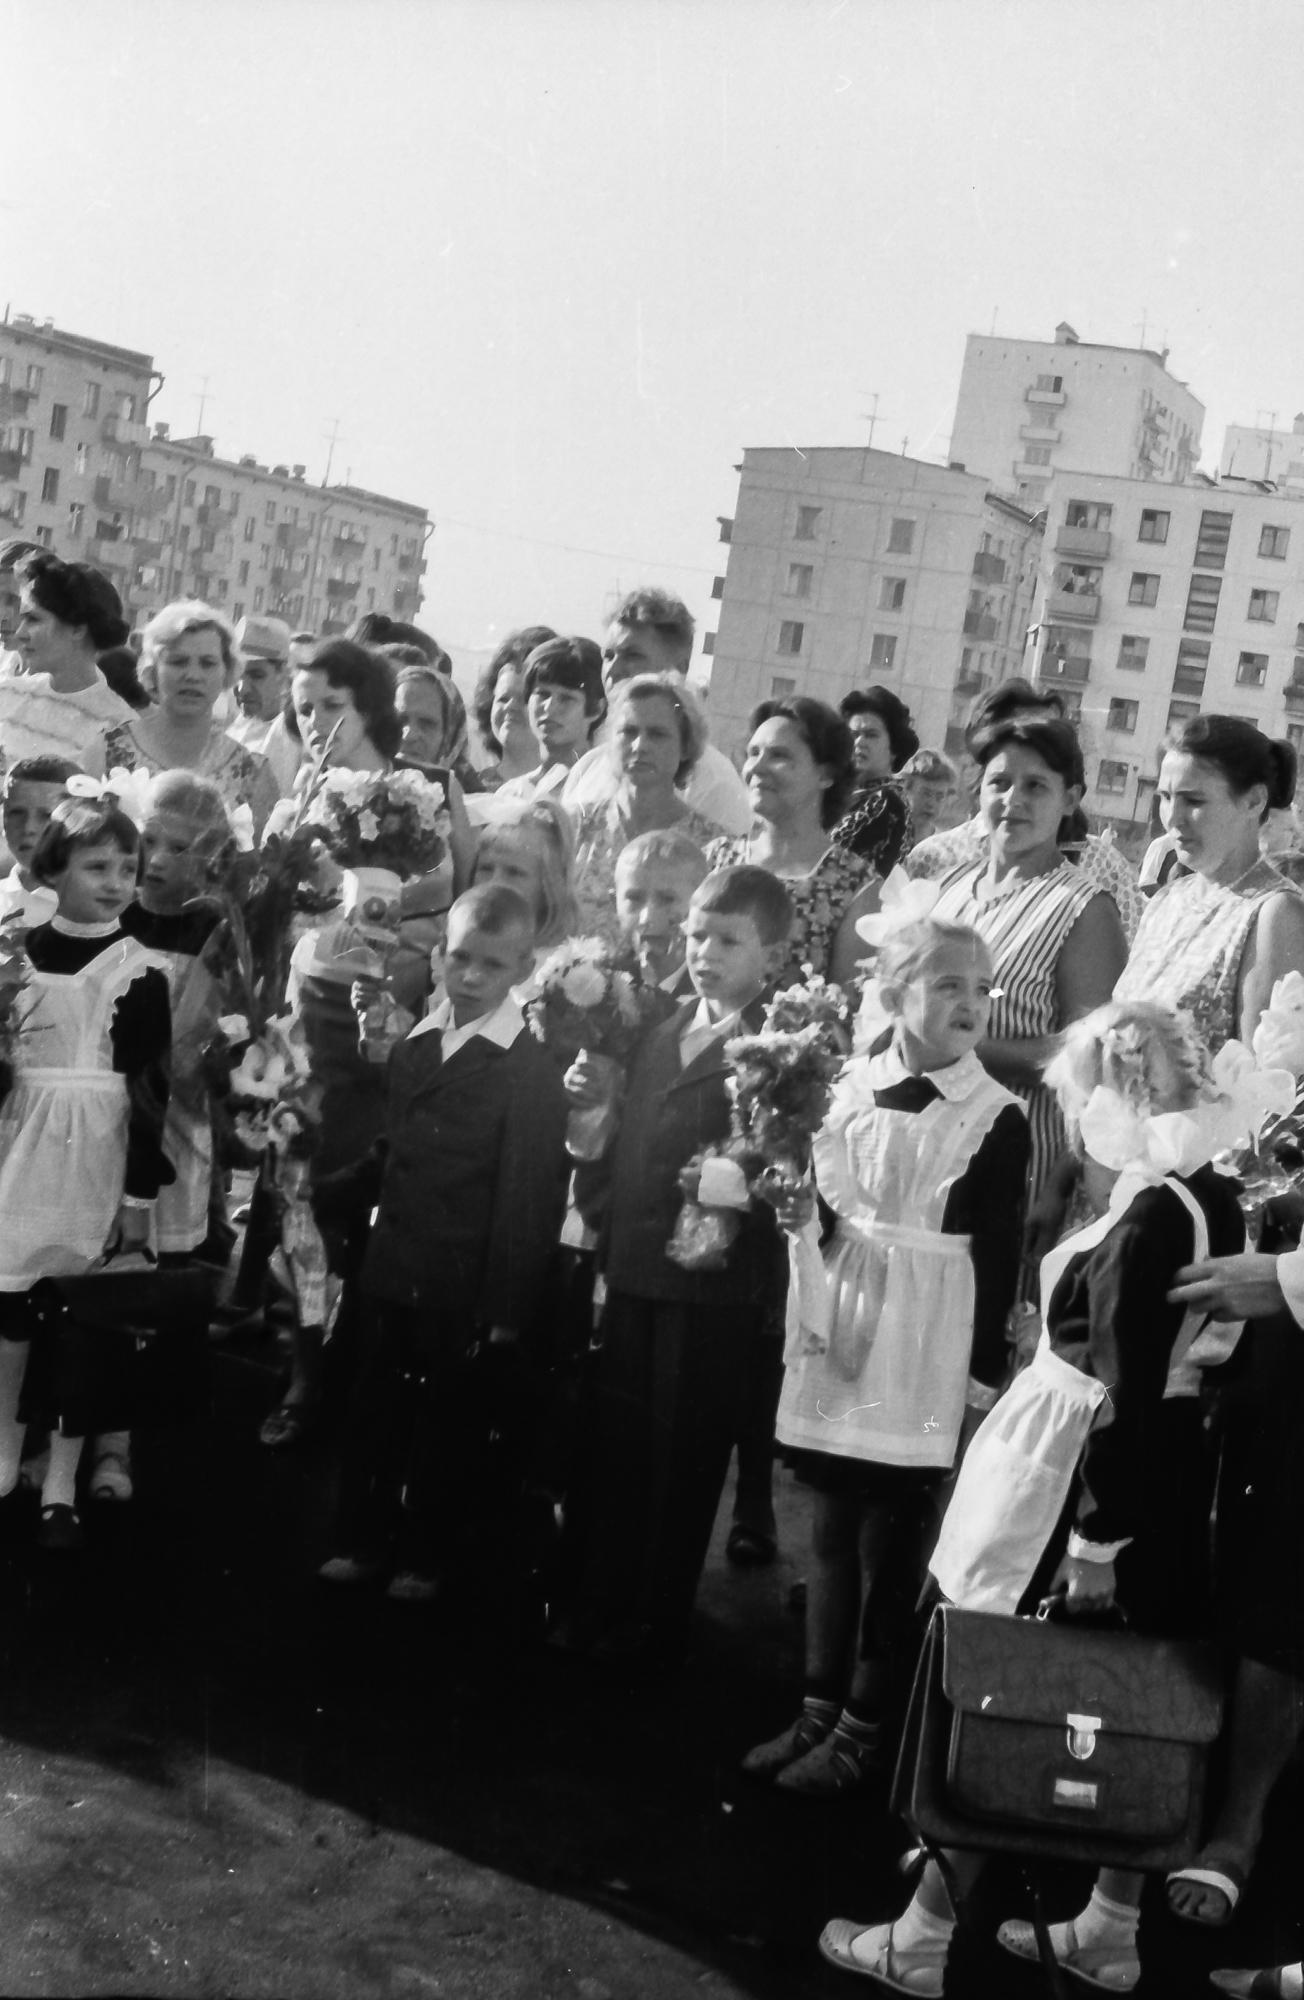 1968 Первый раз в первый класс, перед 816 школой, 1 А класс, видимо 2 сентября, так как 1-е было воскресенье4